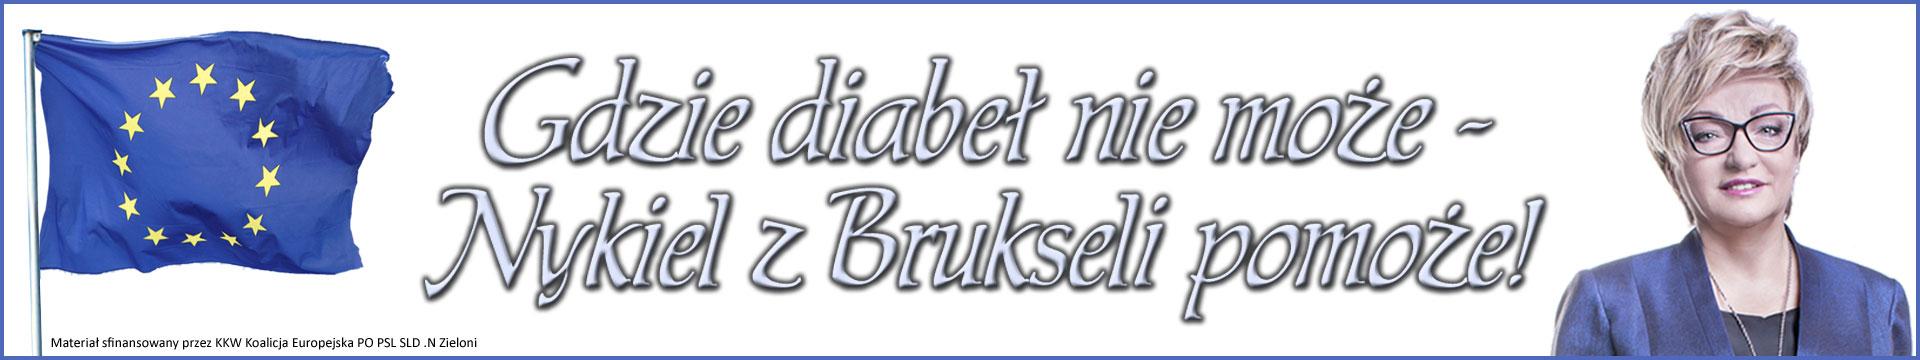 Nykiel_desk